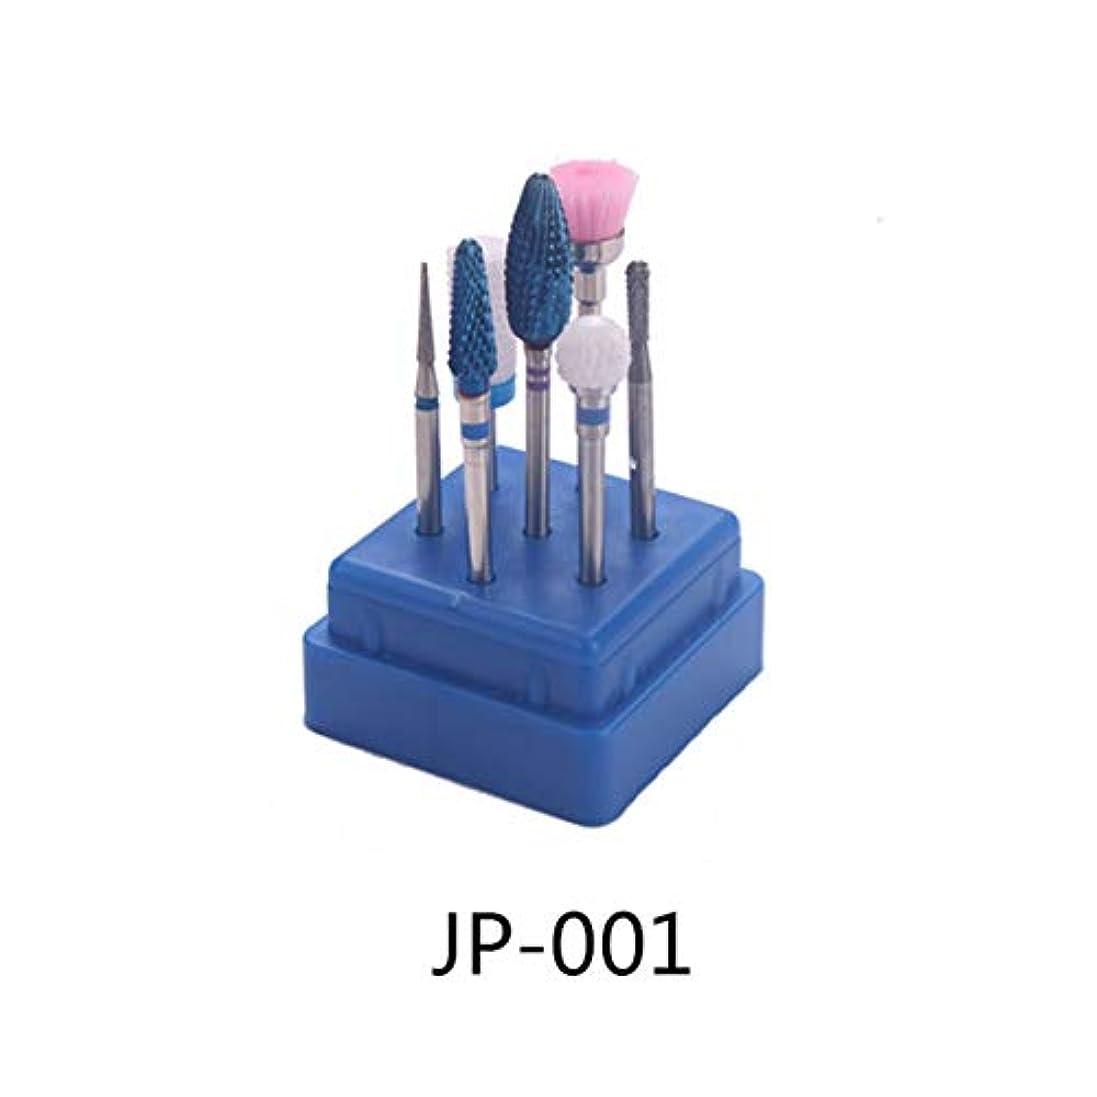 ツインめまい階層7PCS /設定するネイルドリルビットキューティクルクリーナータングステン鋼ロータリー研磨ファイル研削ヘッドマニキュアペディキュア回転電機,1